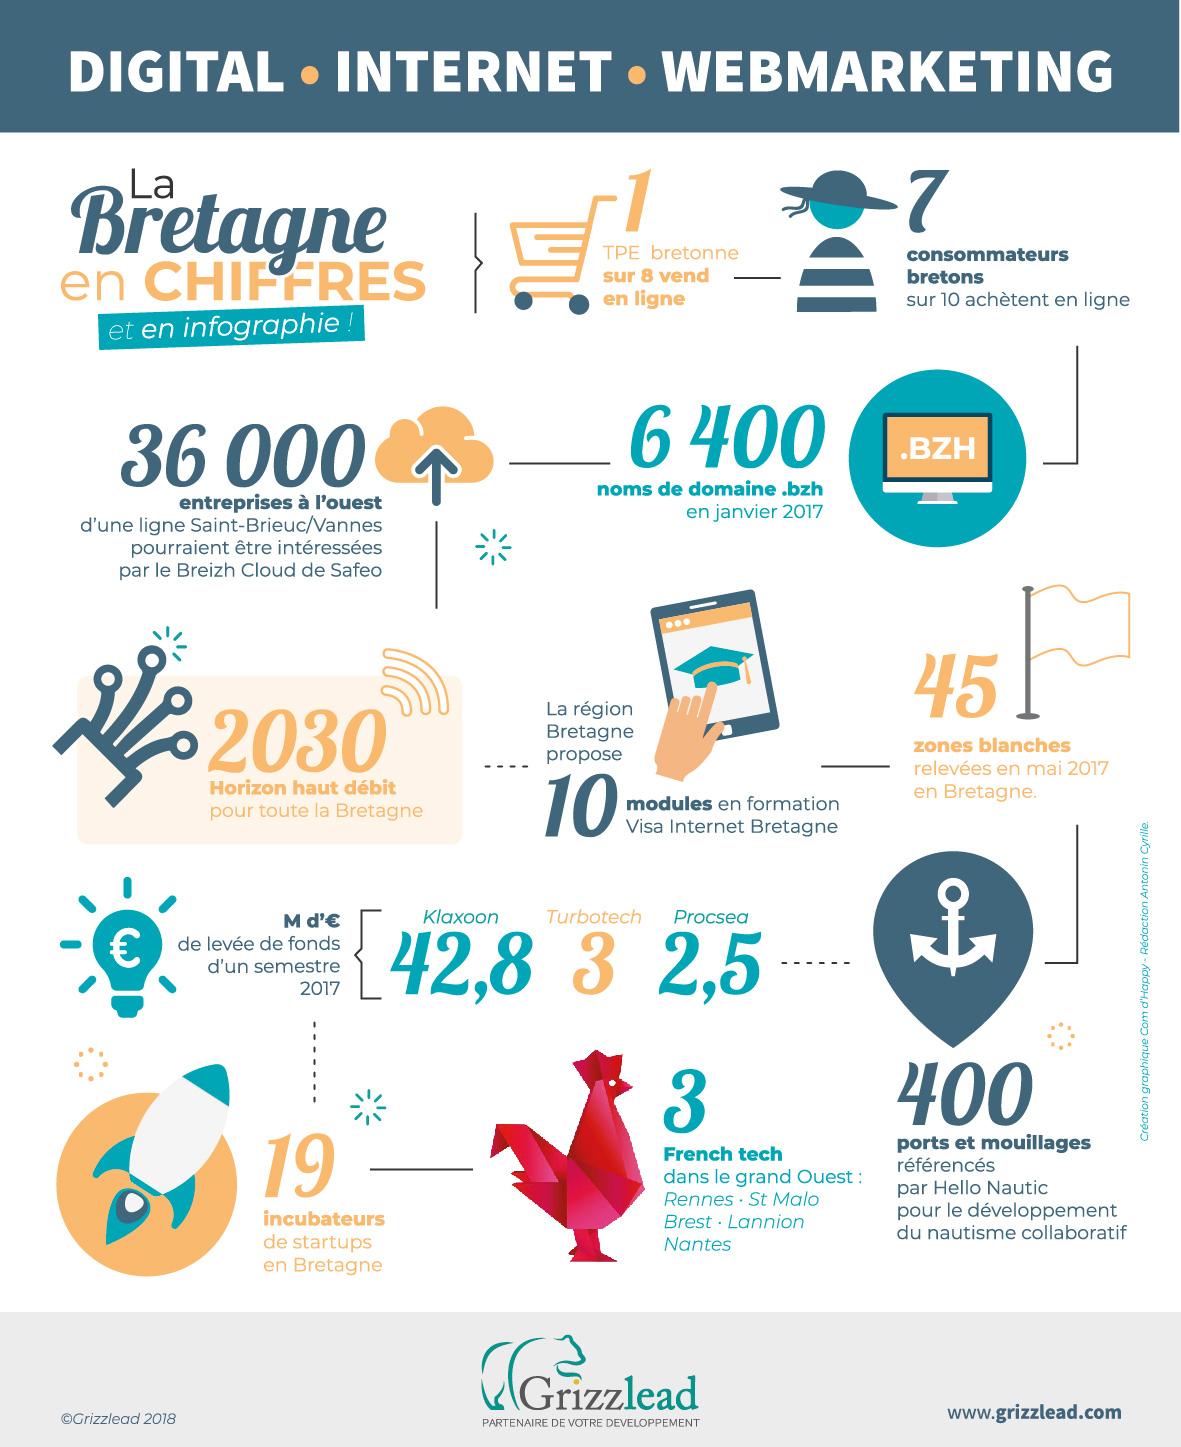 Infographie sur le digital et le webmarketing en Bretagne